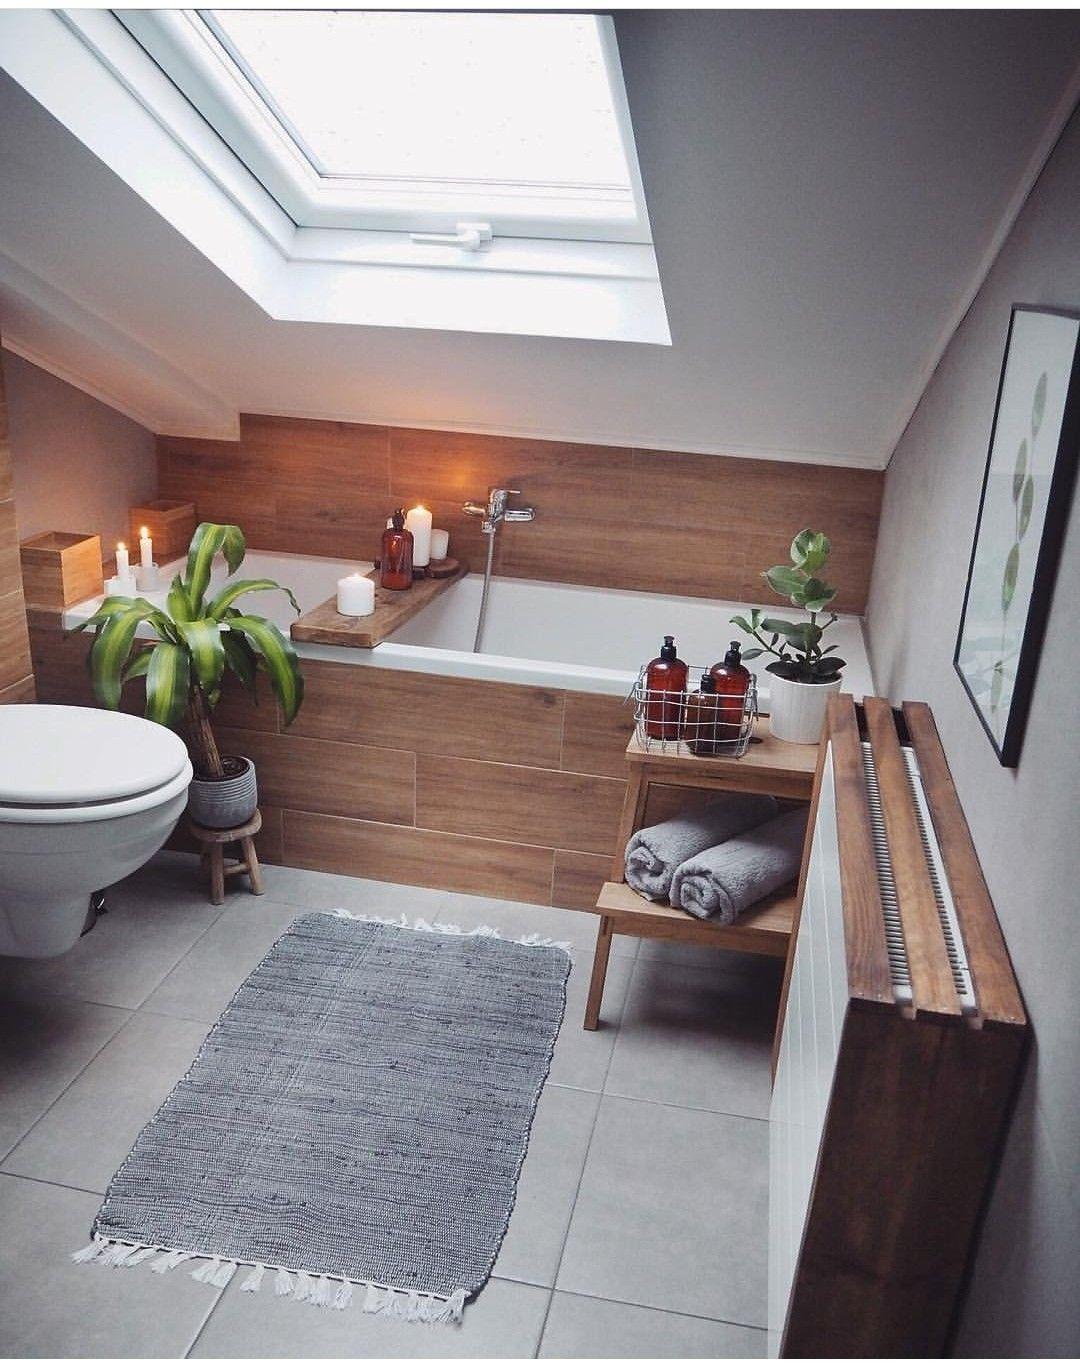 Bano Home Renoba Kleines Bad Renovierungen Badezimmerideen Wohnung Badezimmer